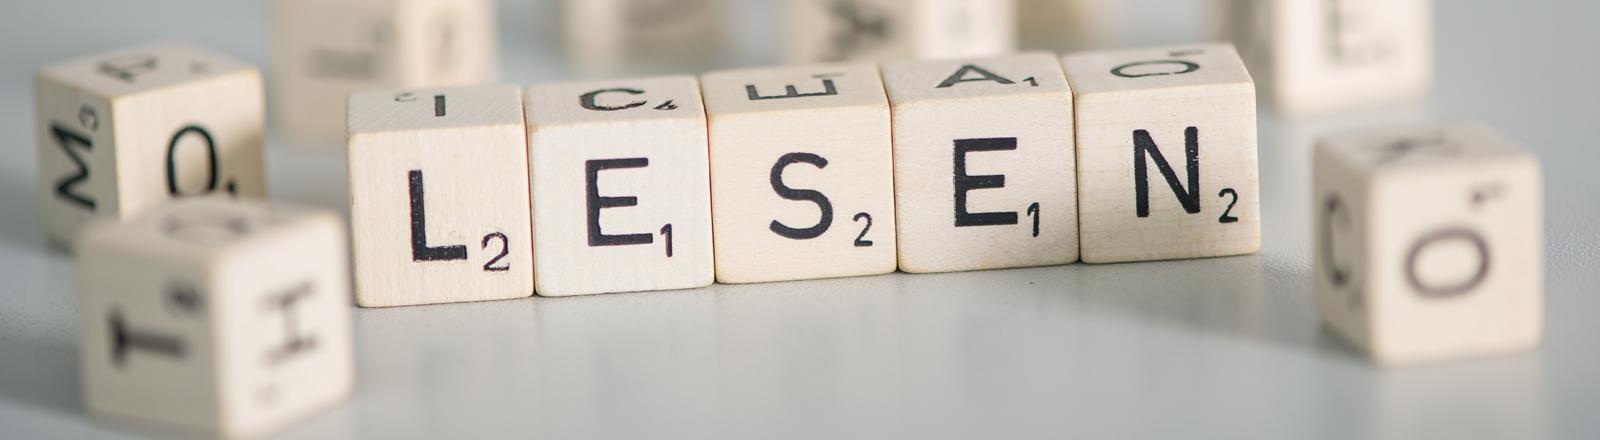 Spielsteine von einem Scrabble-Spiel, die das Wort Lesen ergeben